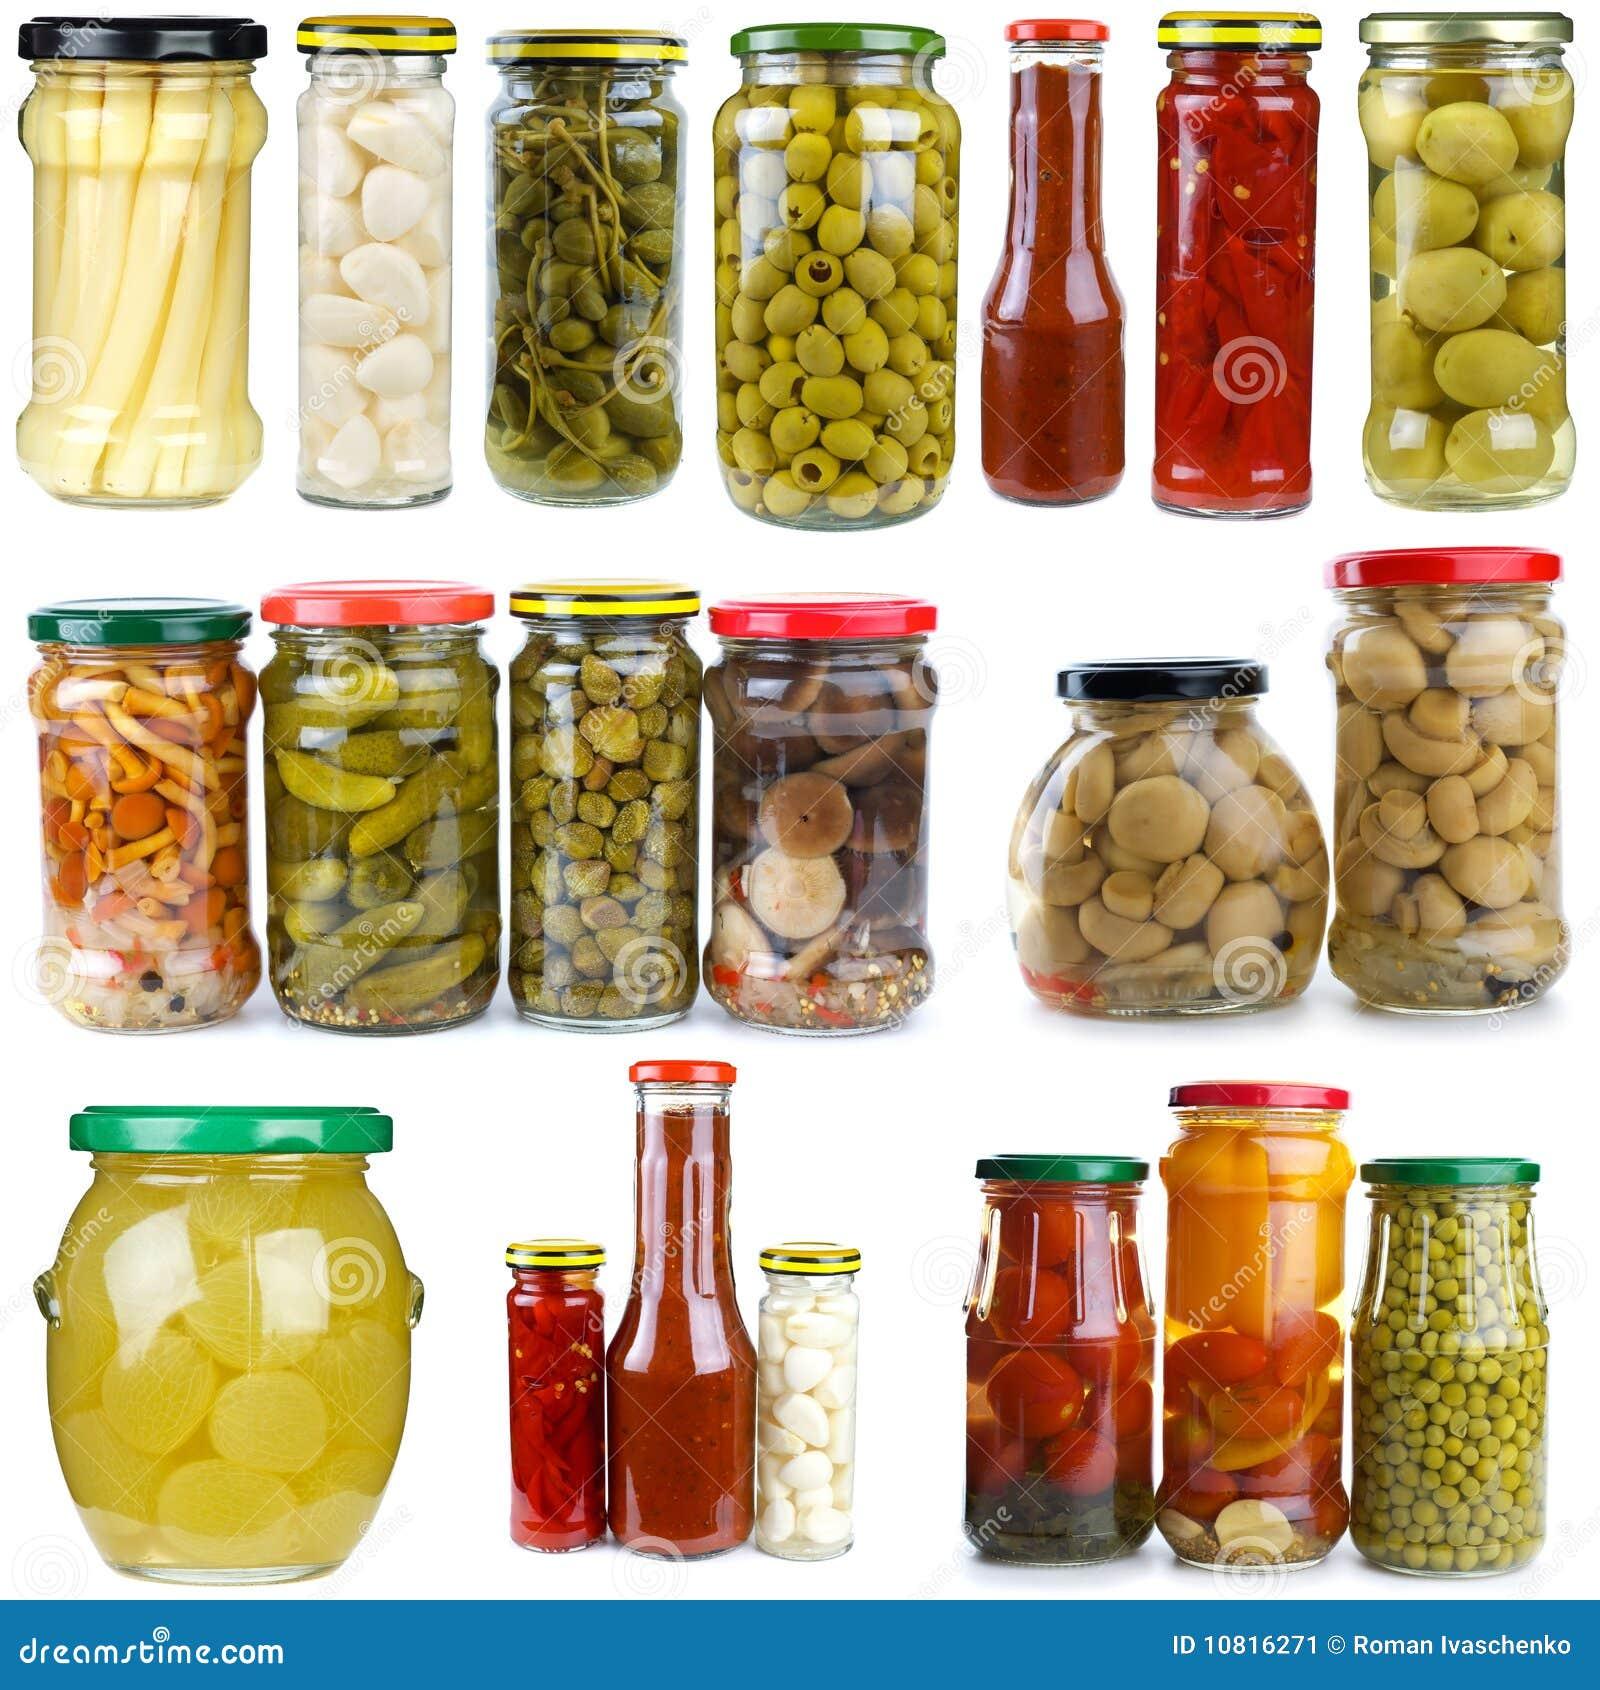 Ställde glass jars in för olika frukter vegetablesin